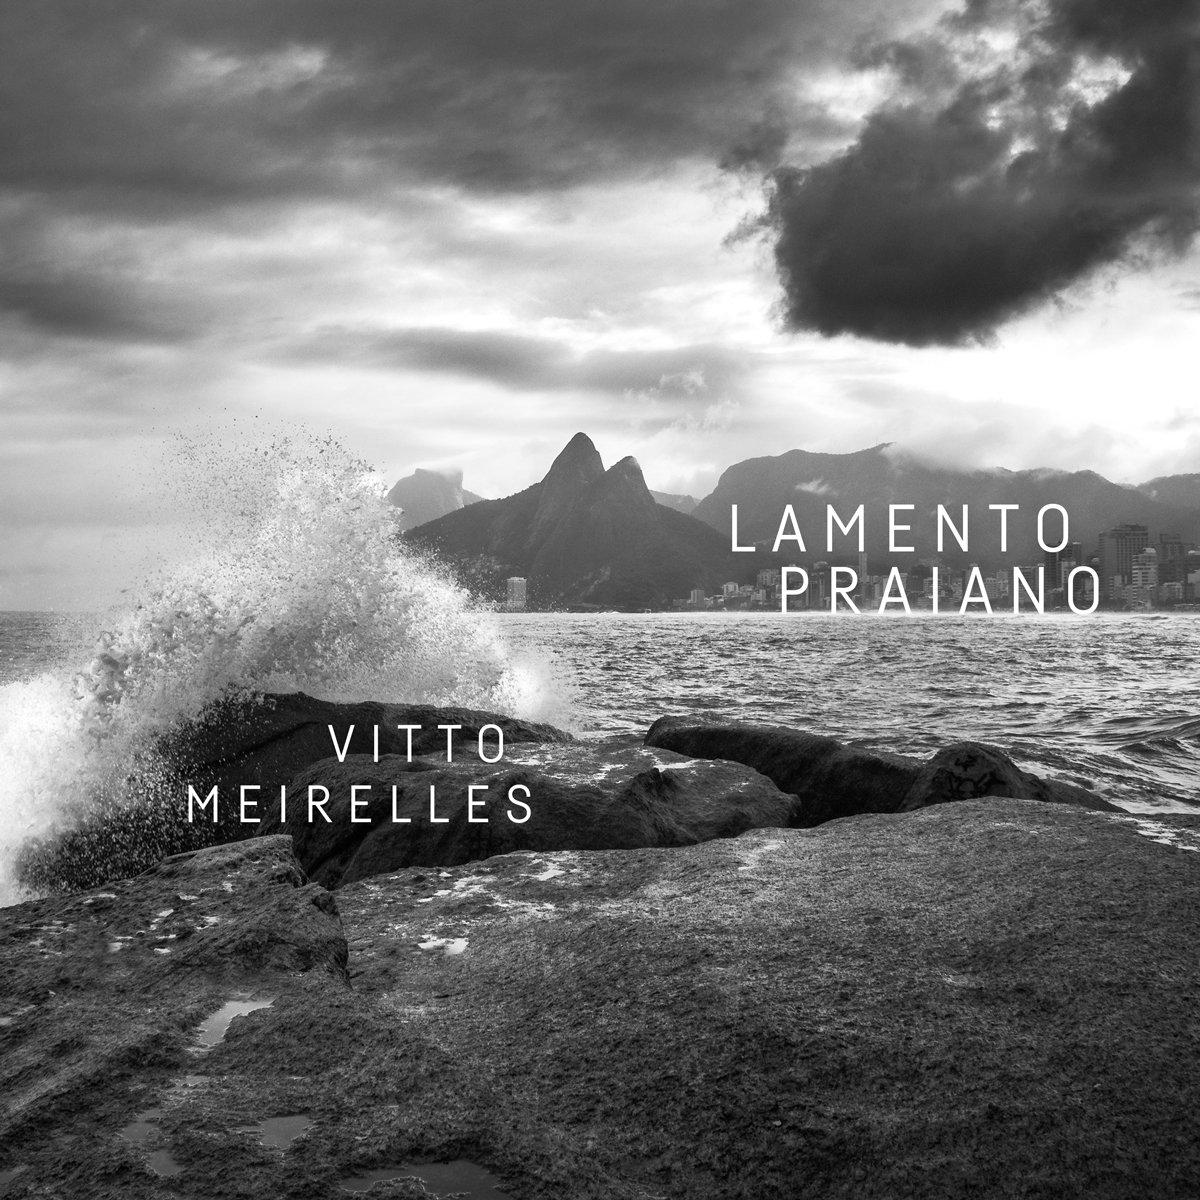 LAMENTO_PRAIANO